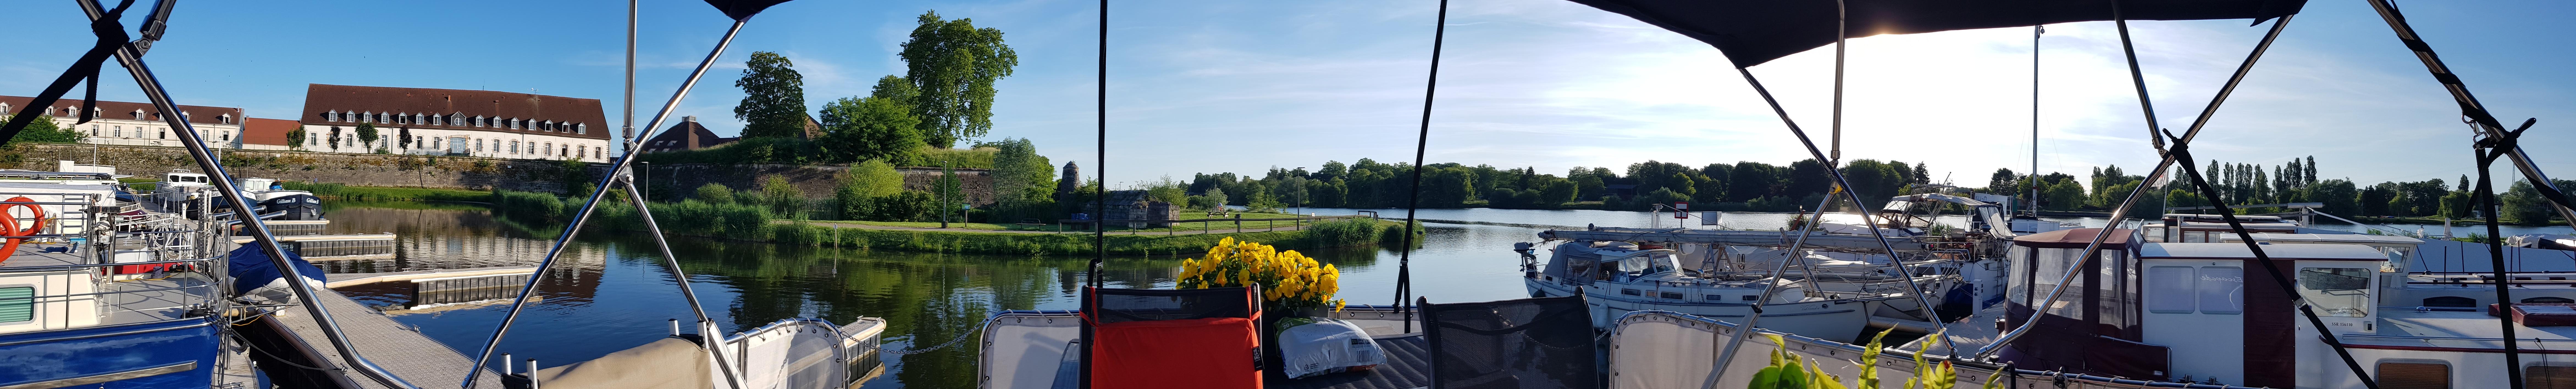 180° Sicht vom Deck aus, freie Sicht auf die Wehranlage, die Kasernengebäude, Napoleon hat hier seine Ausbildung gemacht, und den Fluss